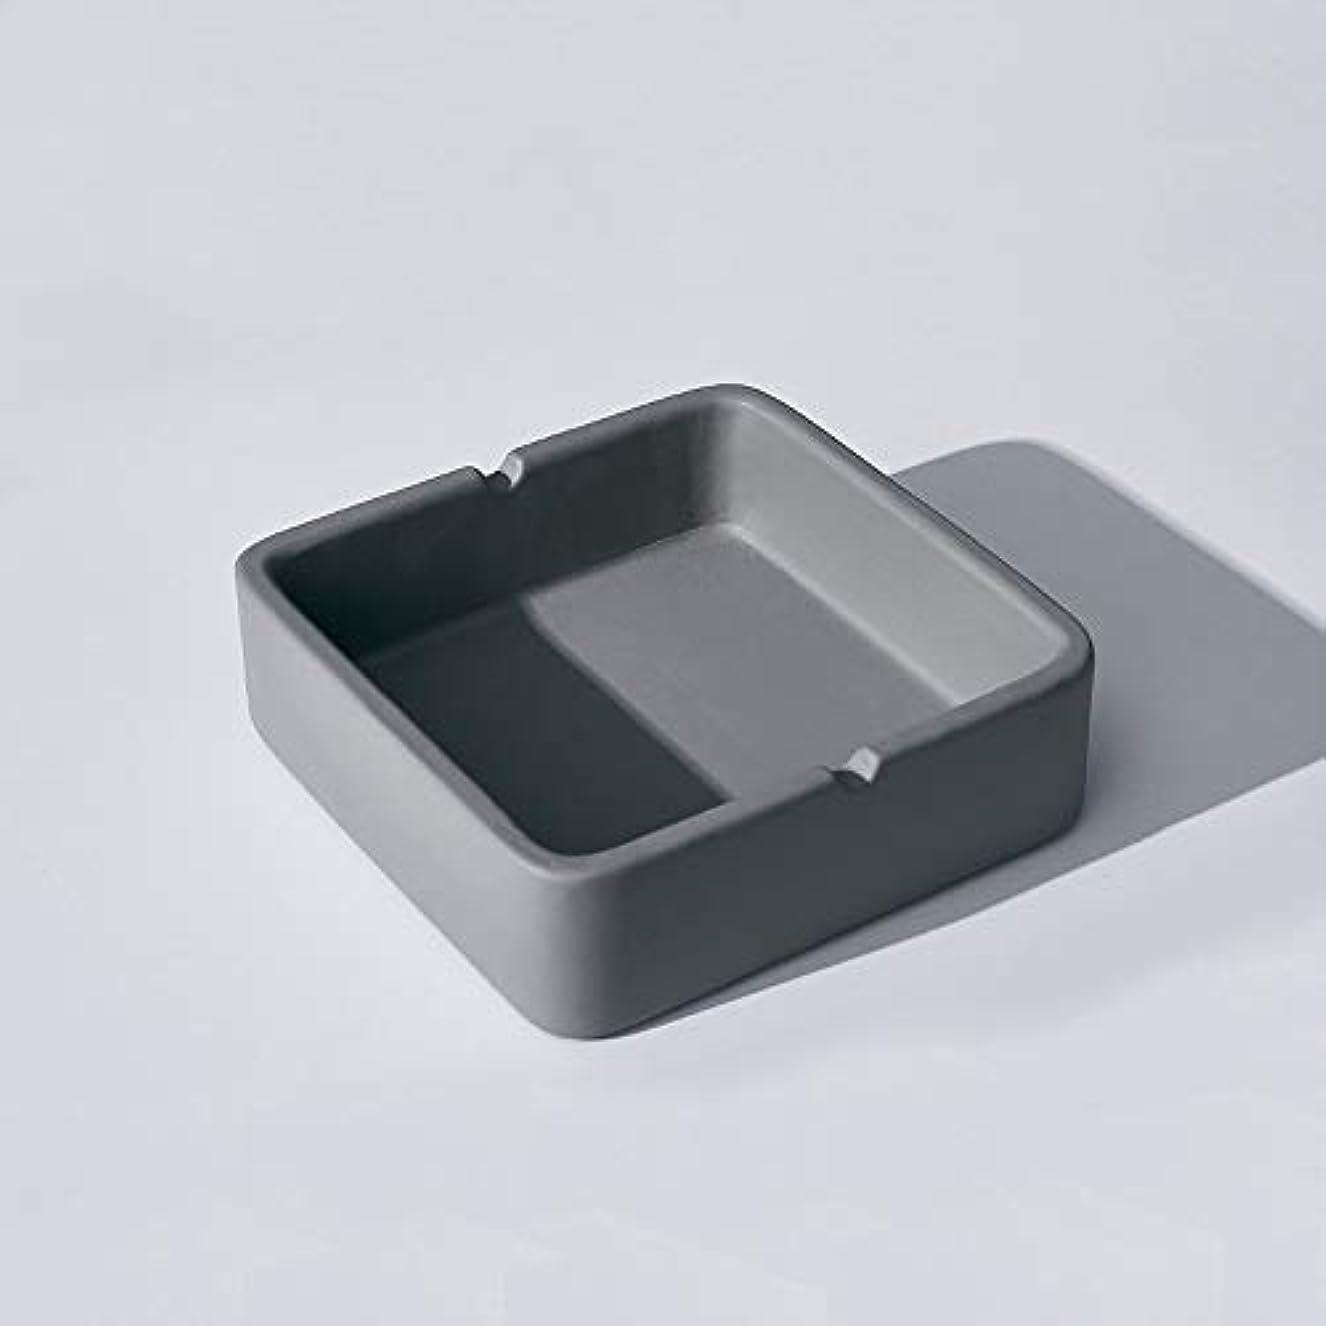 プラスチック報いるページェント正方形の灰皿、繊細なコンクリートの質感の灰皿、多人数使用シーンに適したパーソナライズされた屋外の灰皿の装飾 (Size : S)